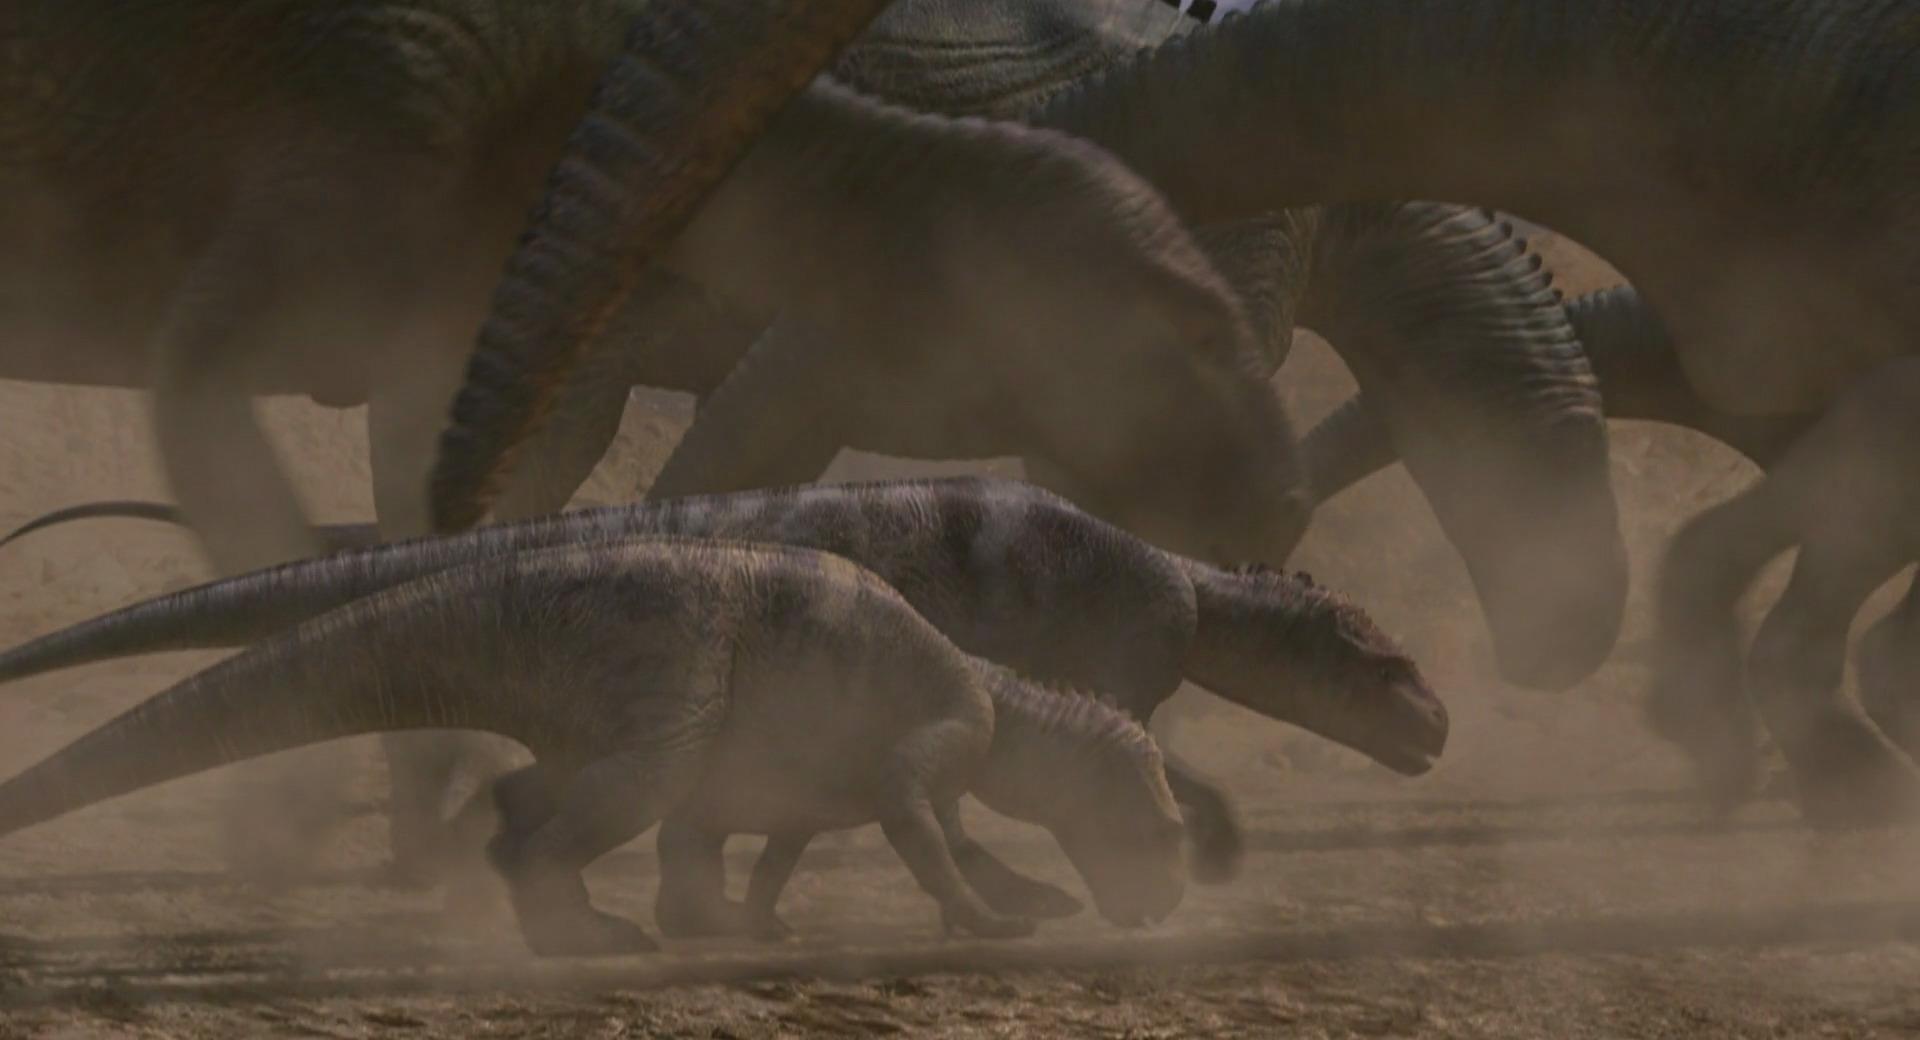 pachyrhinosaurus vs carnotaurus - photo #46